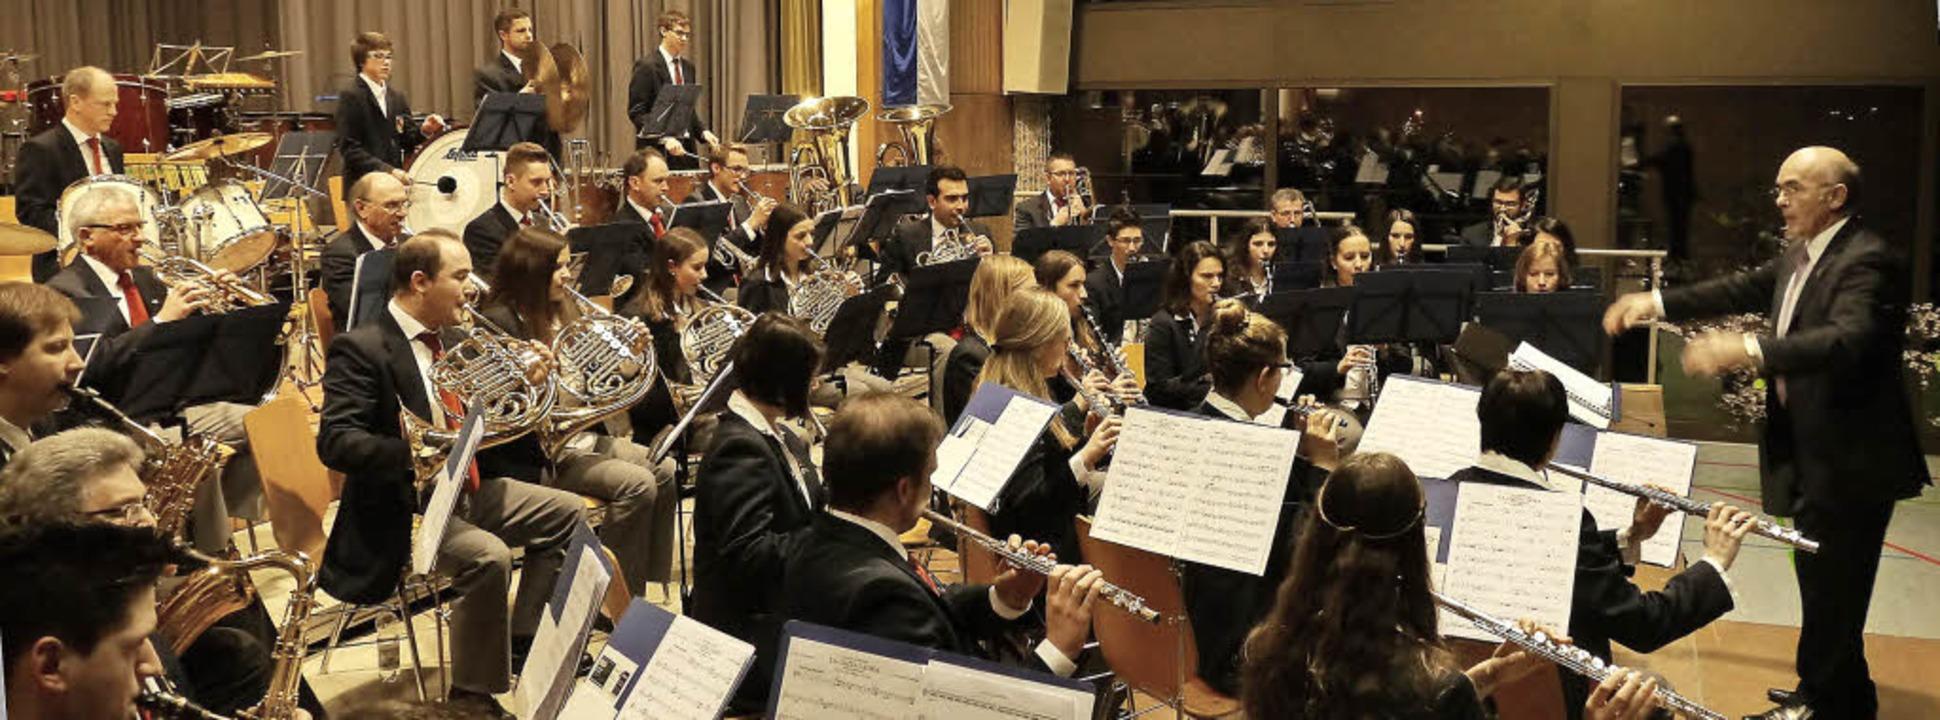 Mit einem begeisternden Doppelkonzert ...on Arcadie Romaniuc auf ganzer Linie.     Foto: Christel Hülter-Hassler